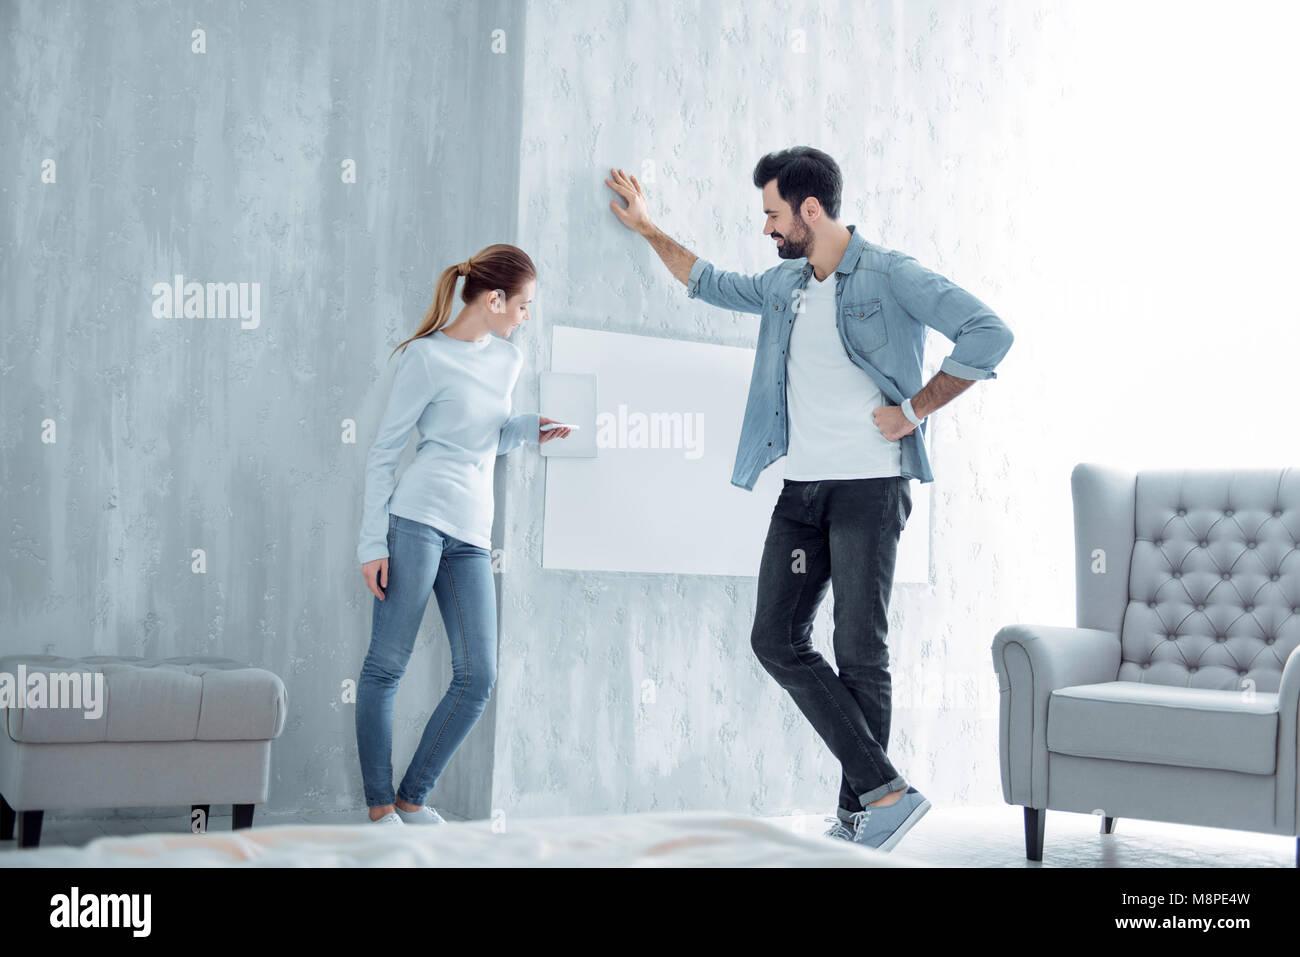 Attraktive männliche Person lehnte sich an der Wand Stockbild